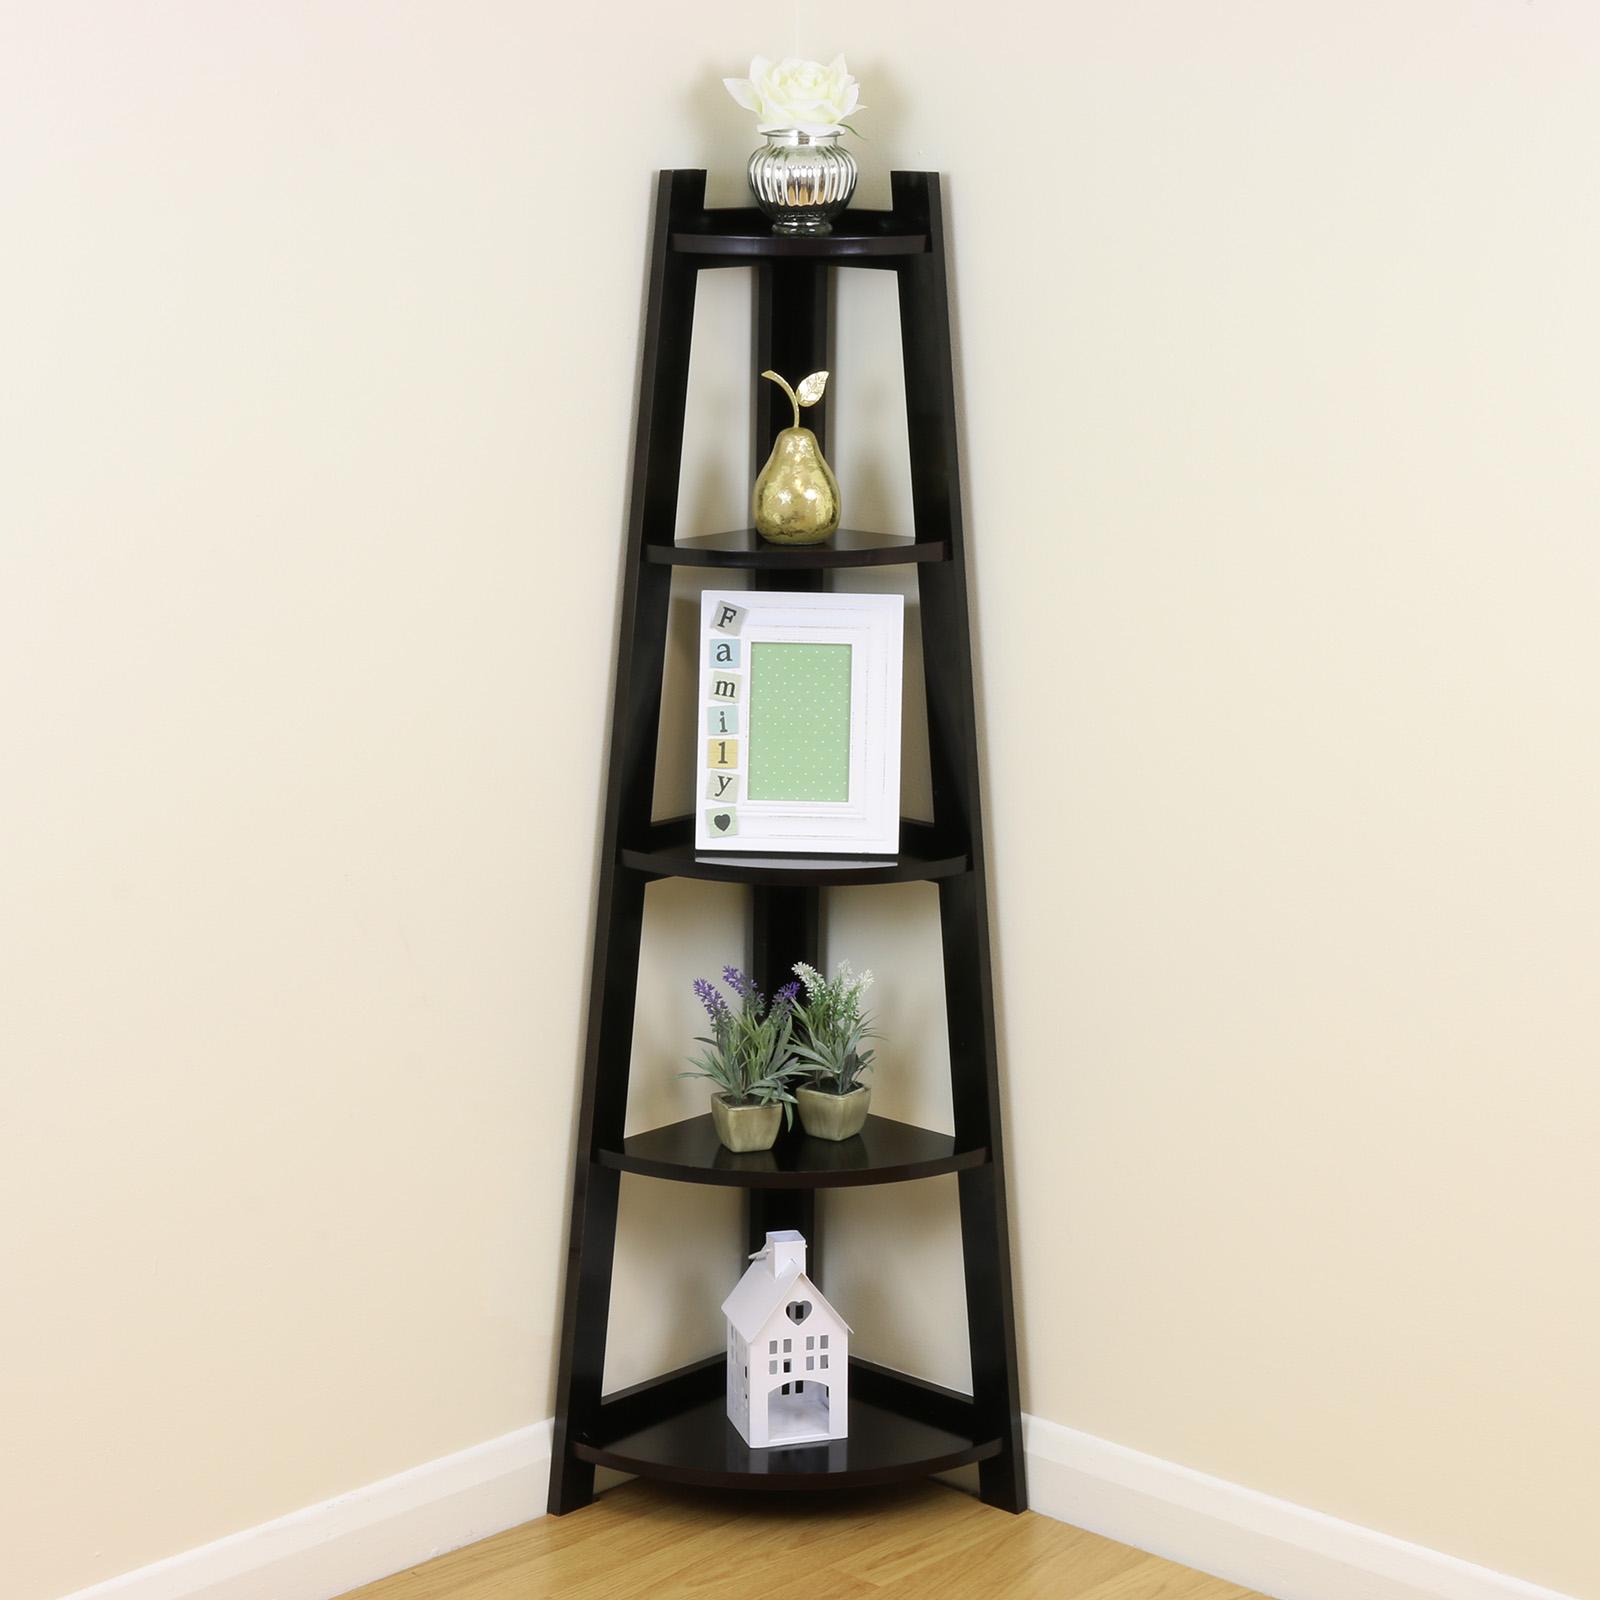 brown 5 tier corner shelf shelving unit stand home bathroom lounge sale 908 ebay. Black Bedroom Furniture Sets. Home Design Ideas